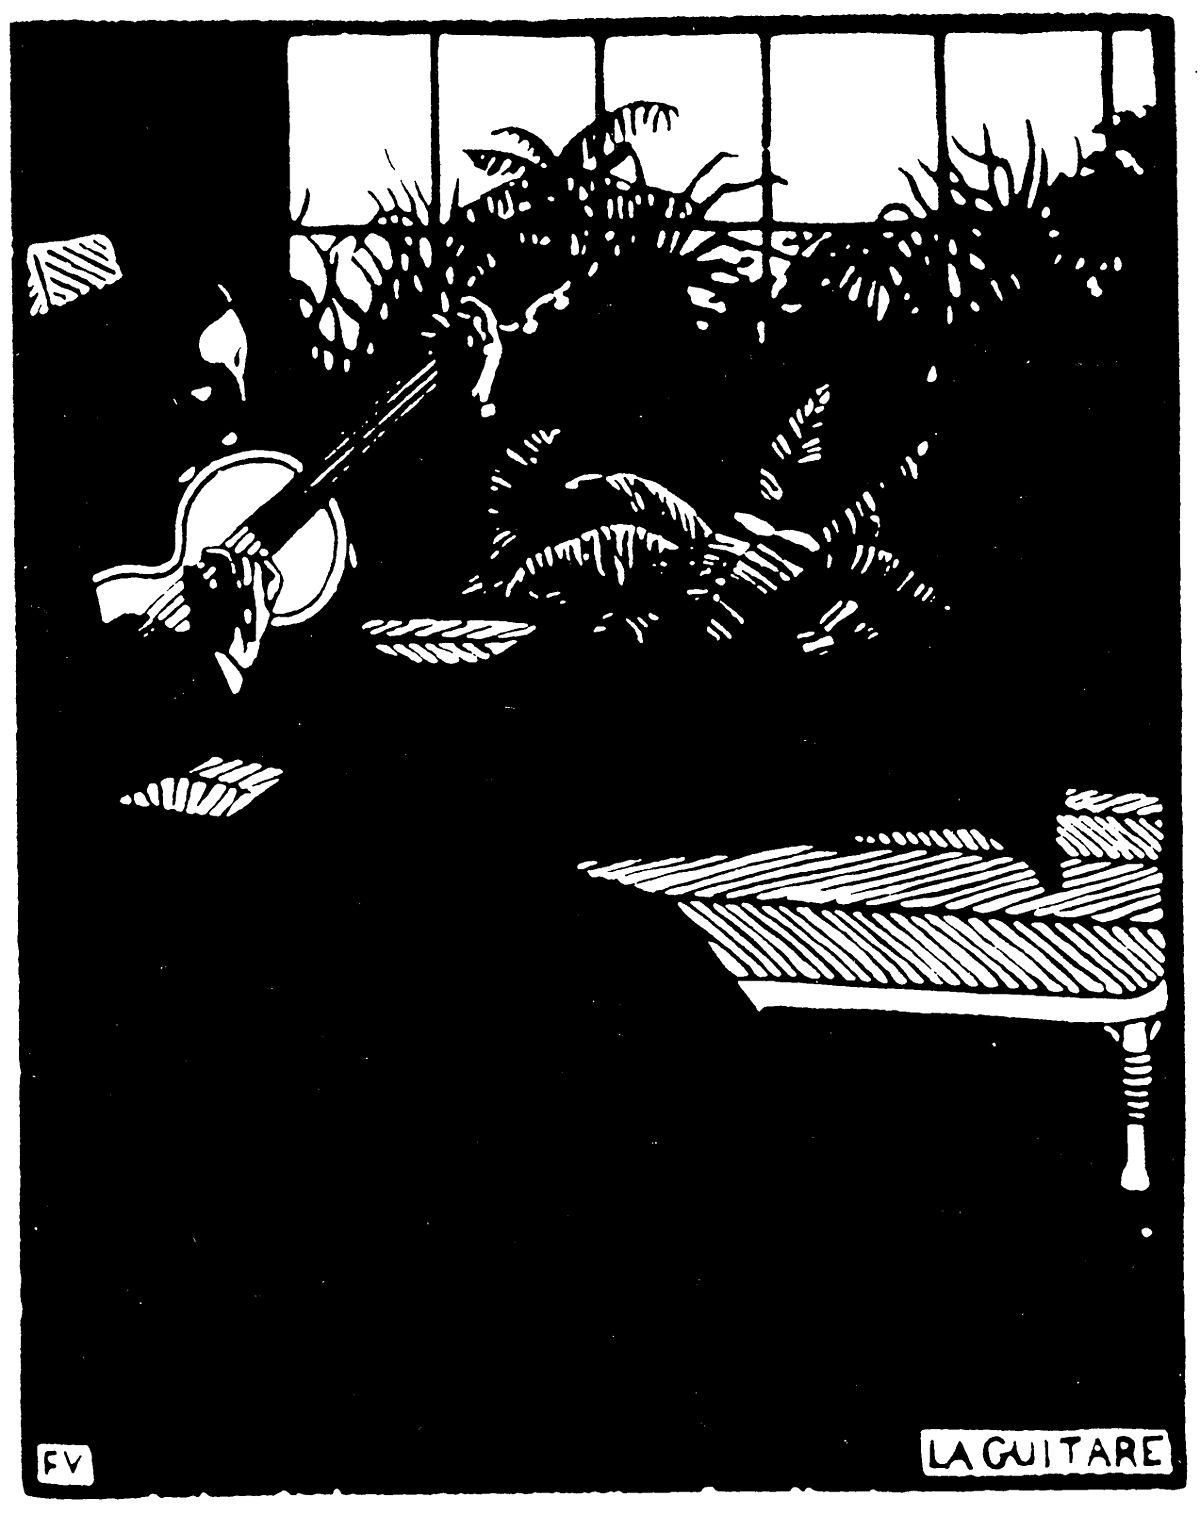 File:La-guitare-1897.jpg - Wikimedia Commons